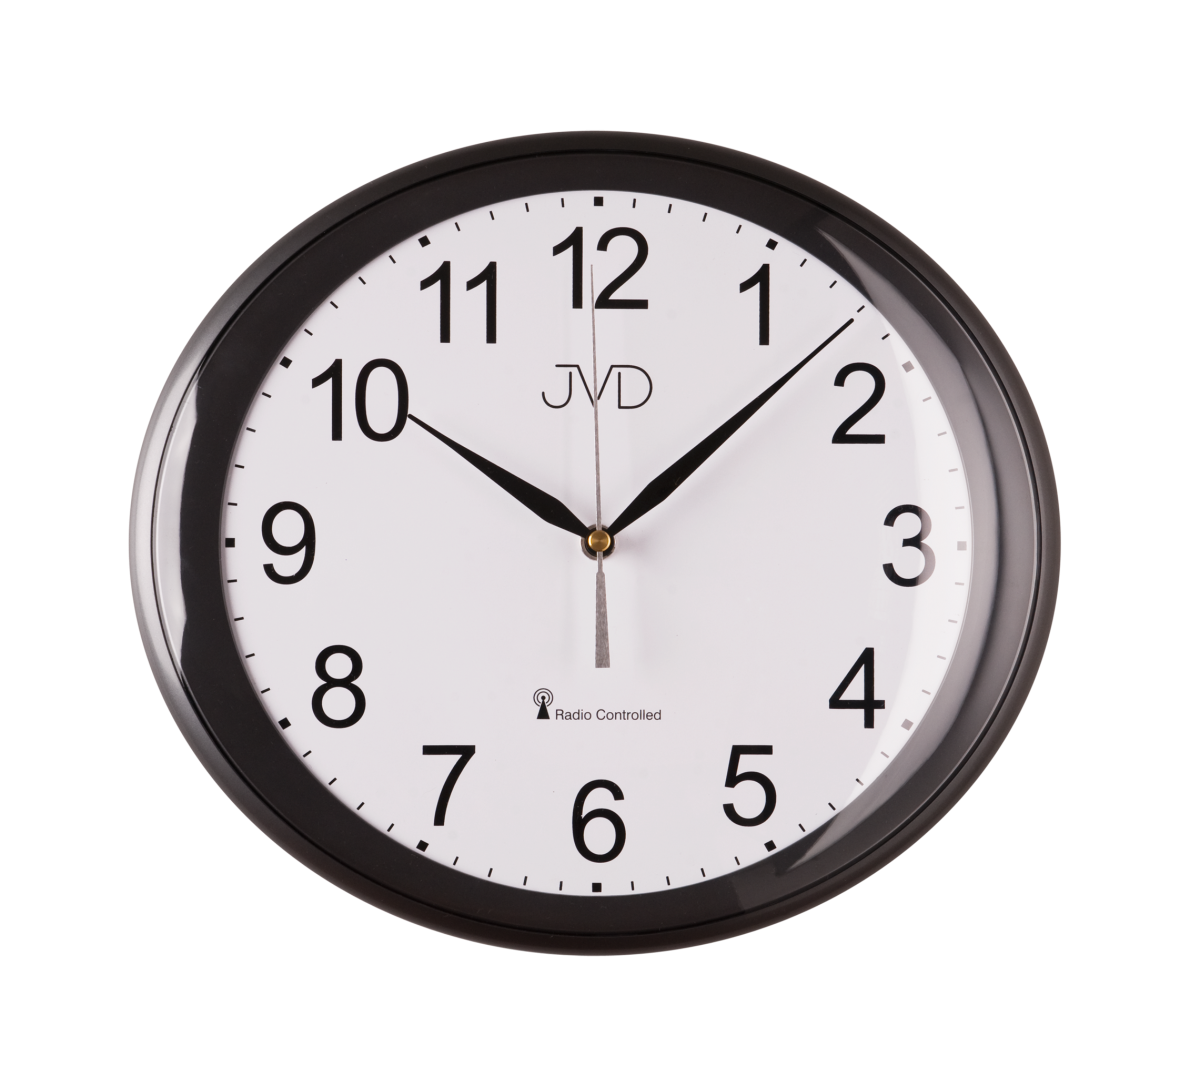 JVD Rádiem řízené nástěnné hodiny, hodiny na zeď RH 64.1.1